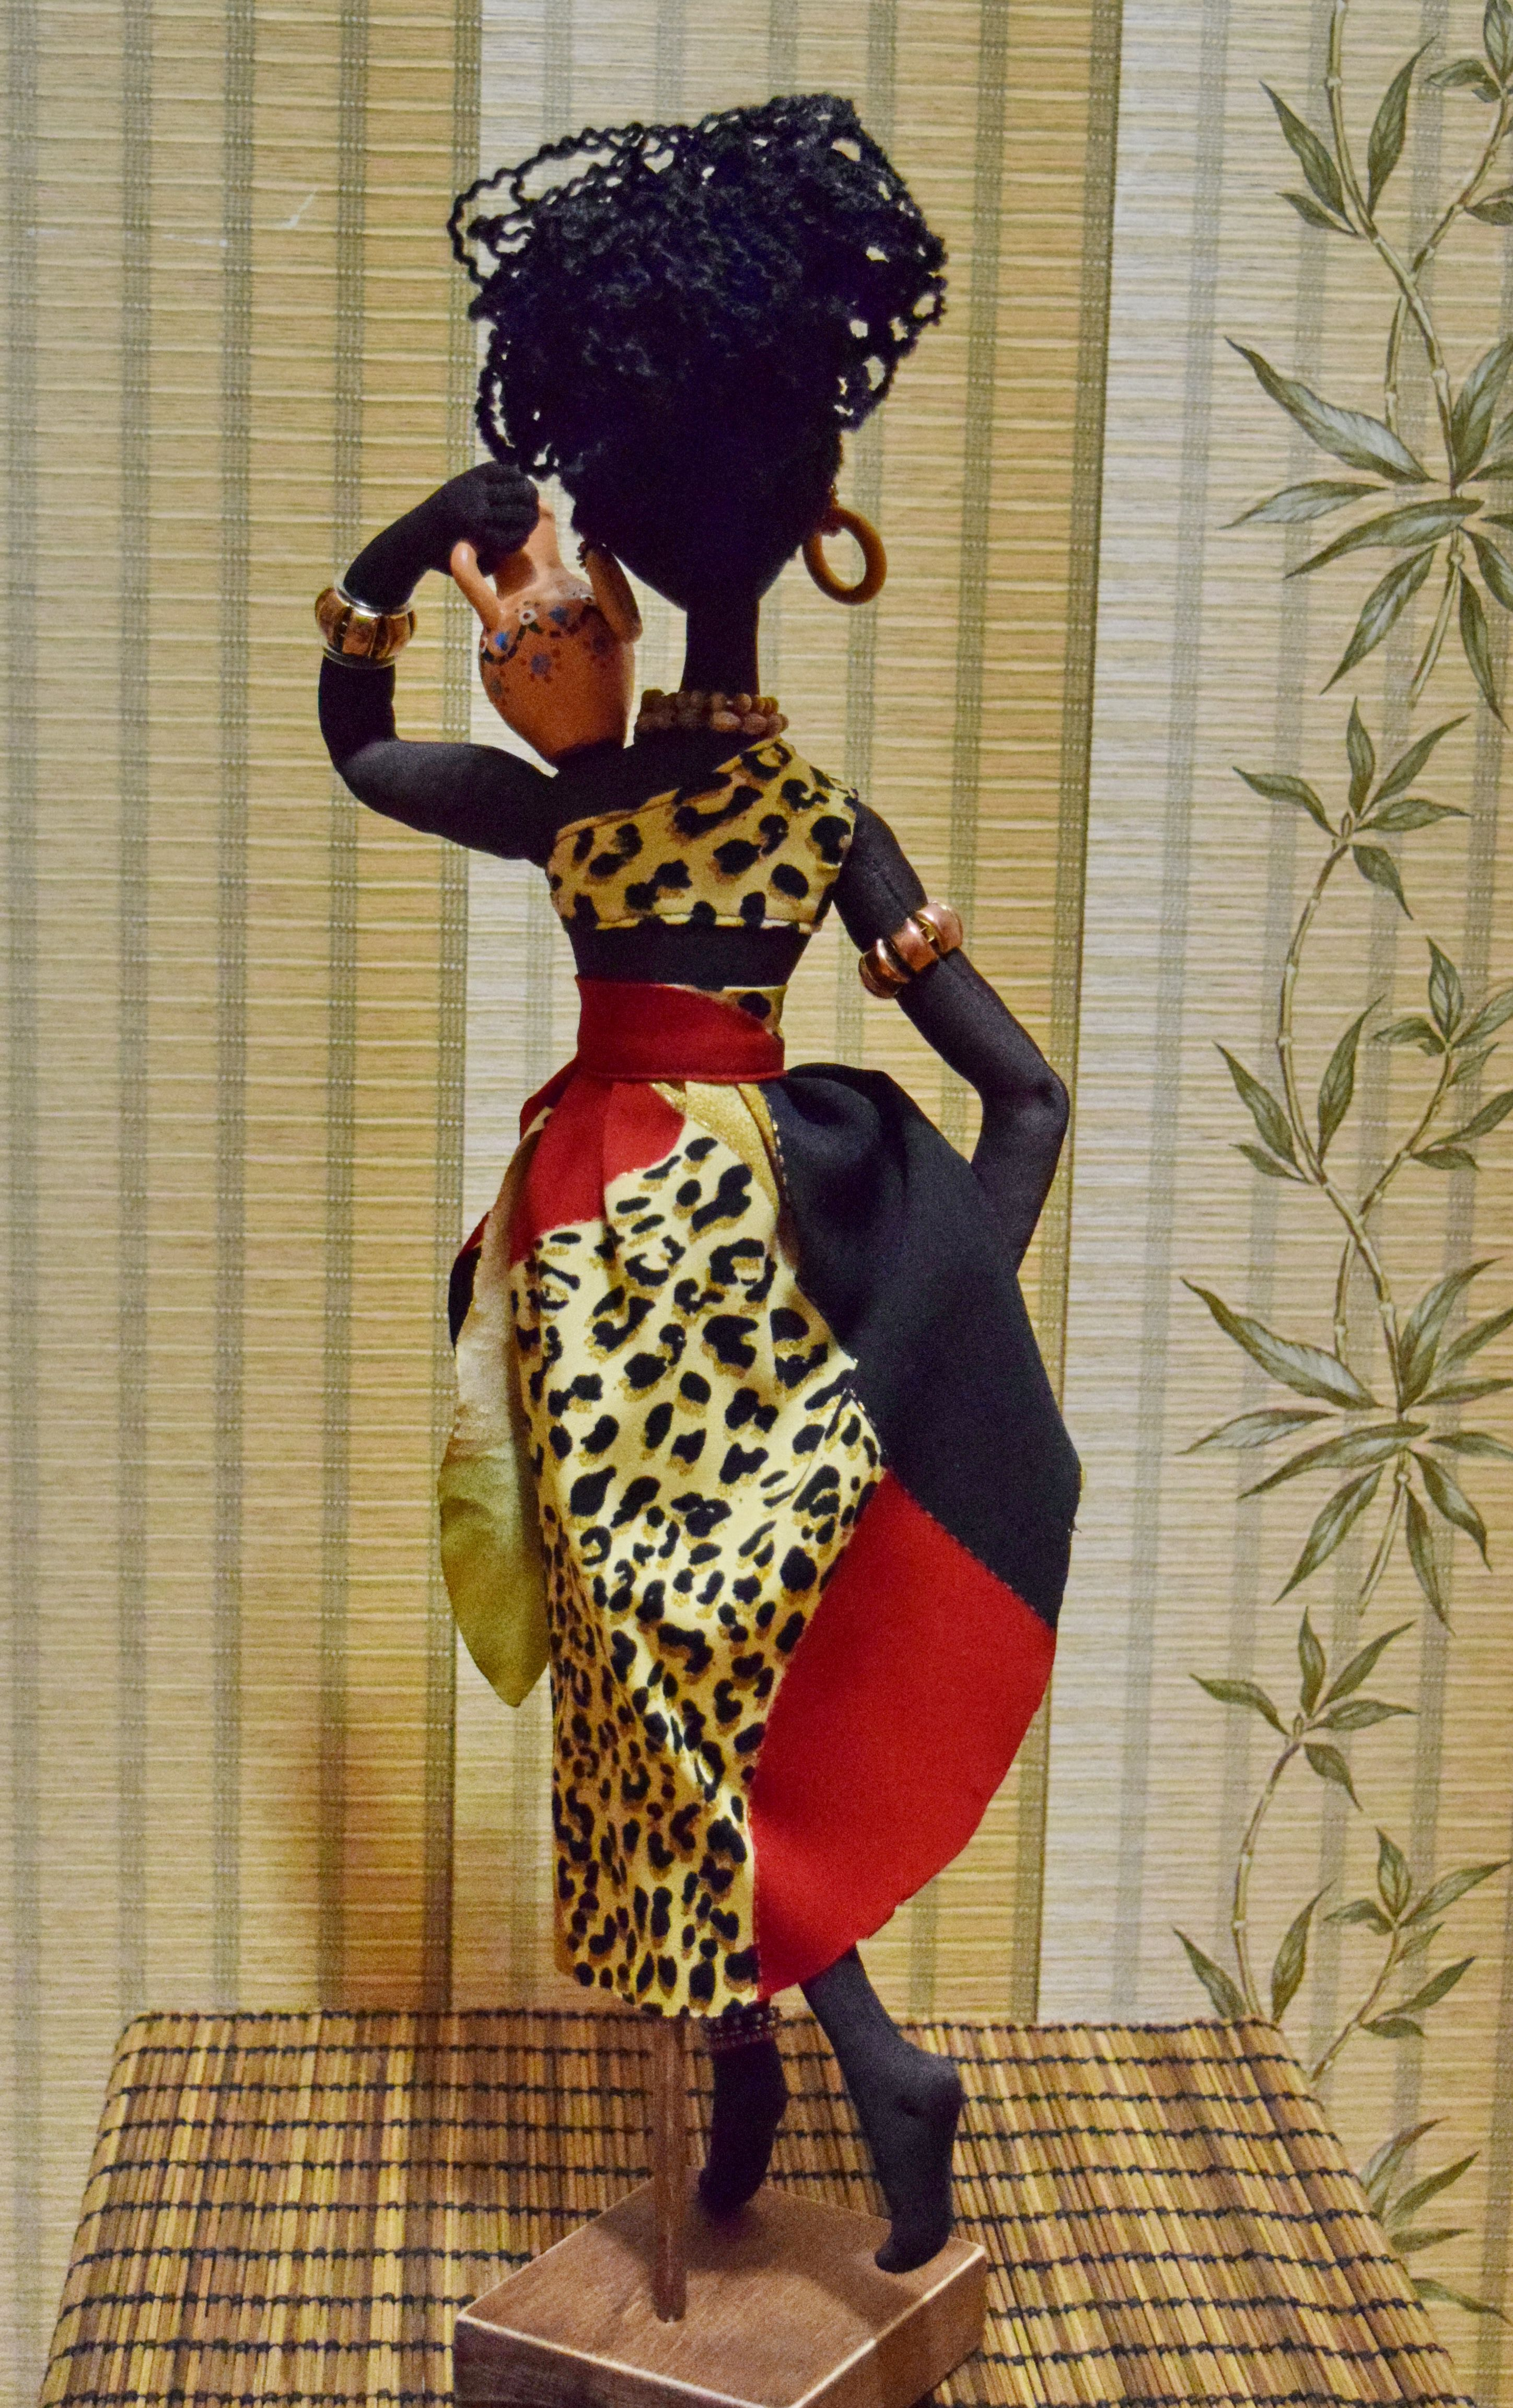 ручнаяработа женщине подарок негритянка африканка экзотика сувенир hendmade девушке выставки